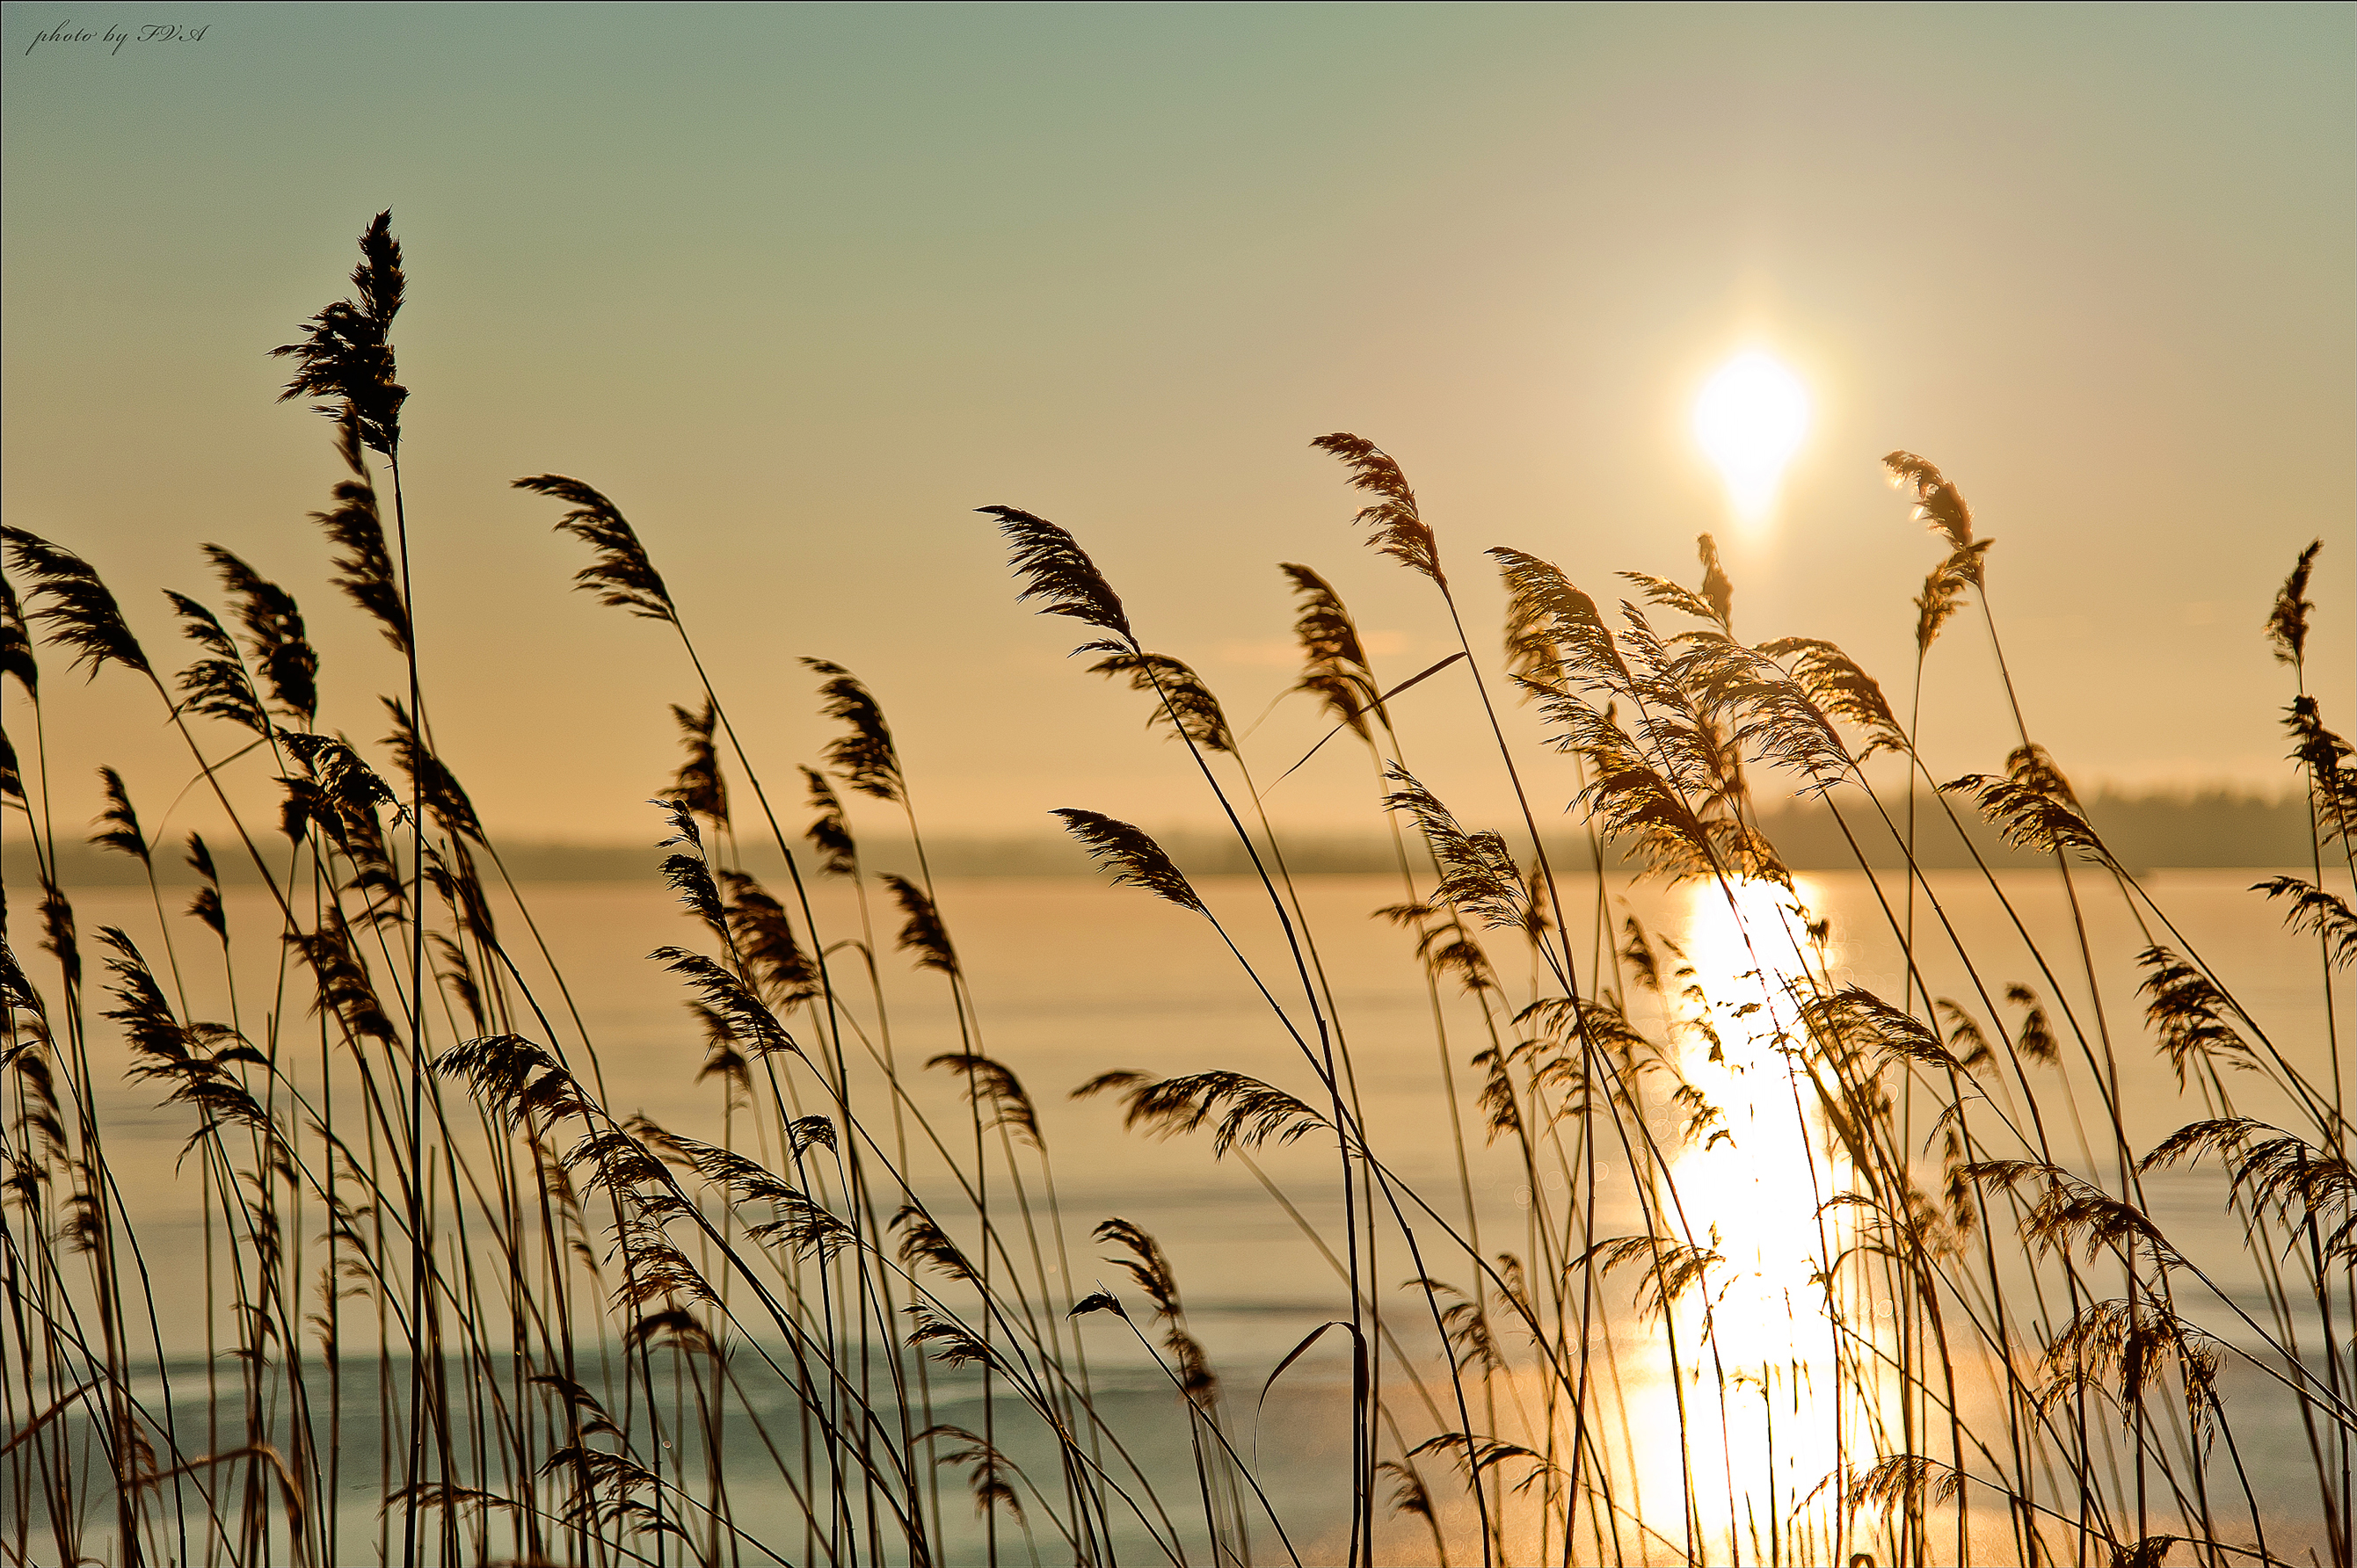 природа цветы трава мельниц восход солнце  № 2556695 загрузить